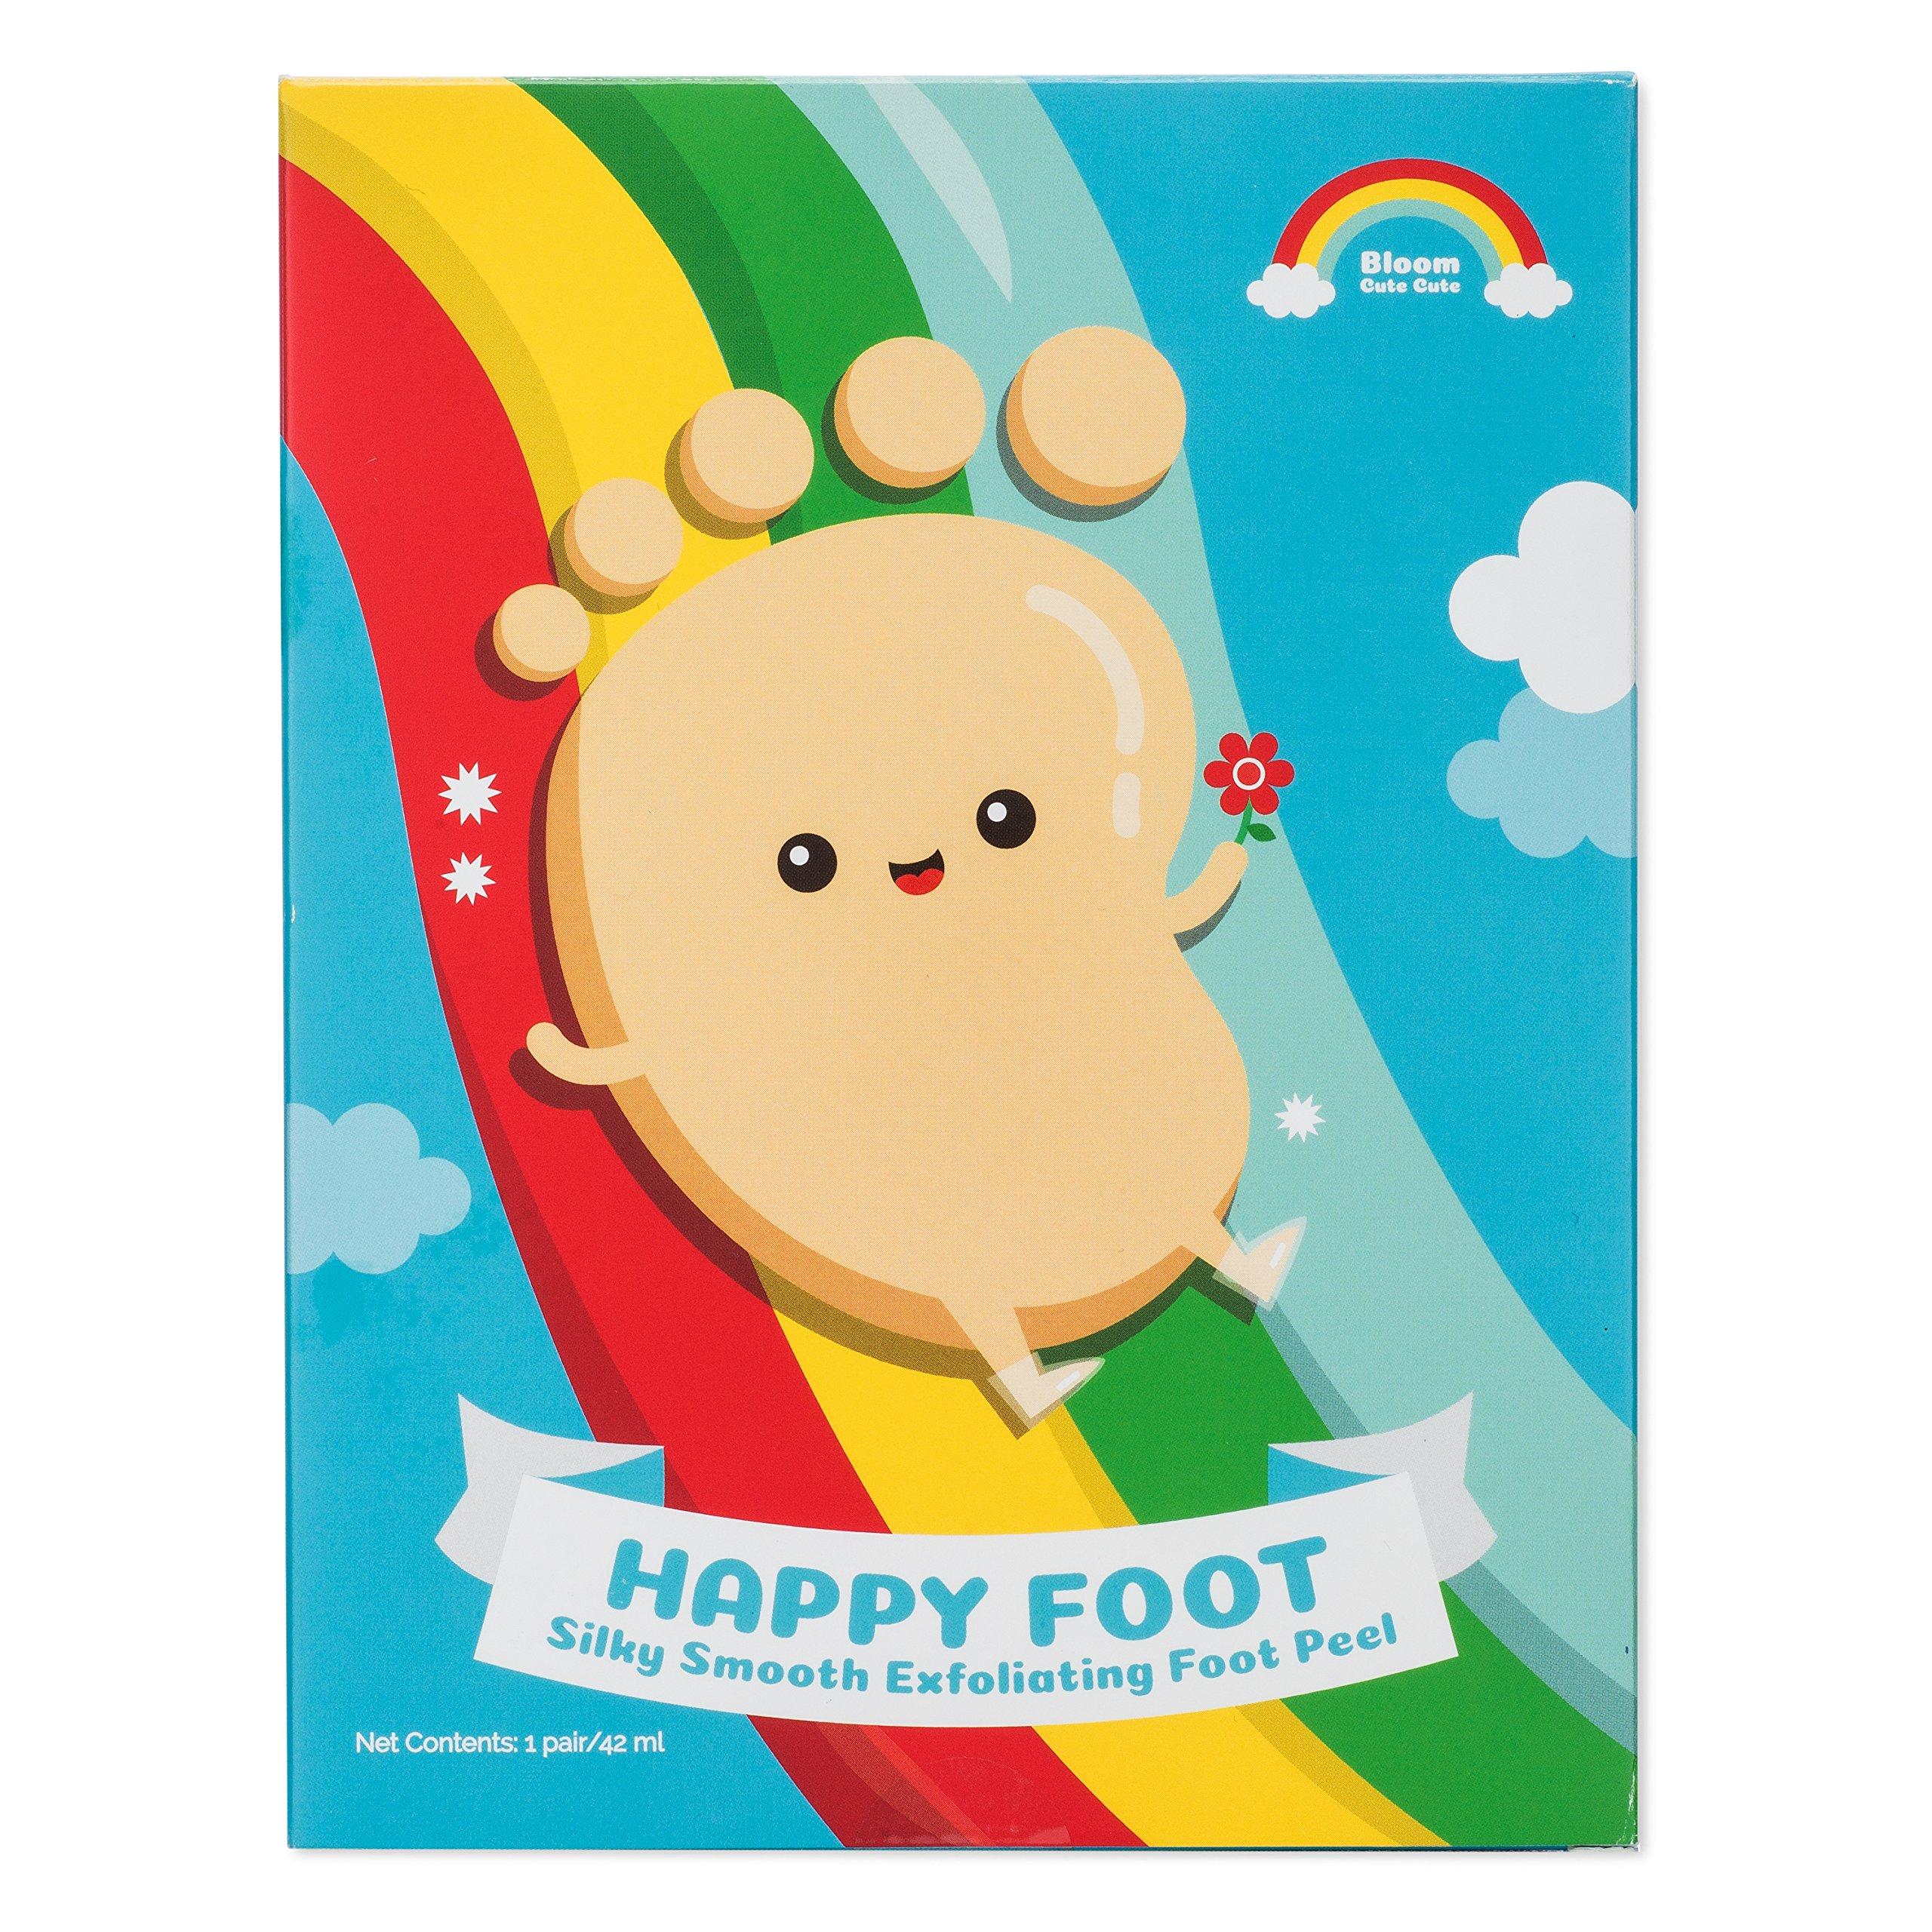 HAPPY FOOT Baby Soft Exfoliating Foot Peel by Bloom Cute Cute